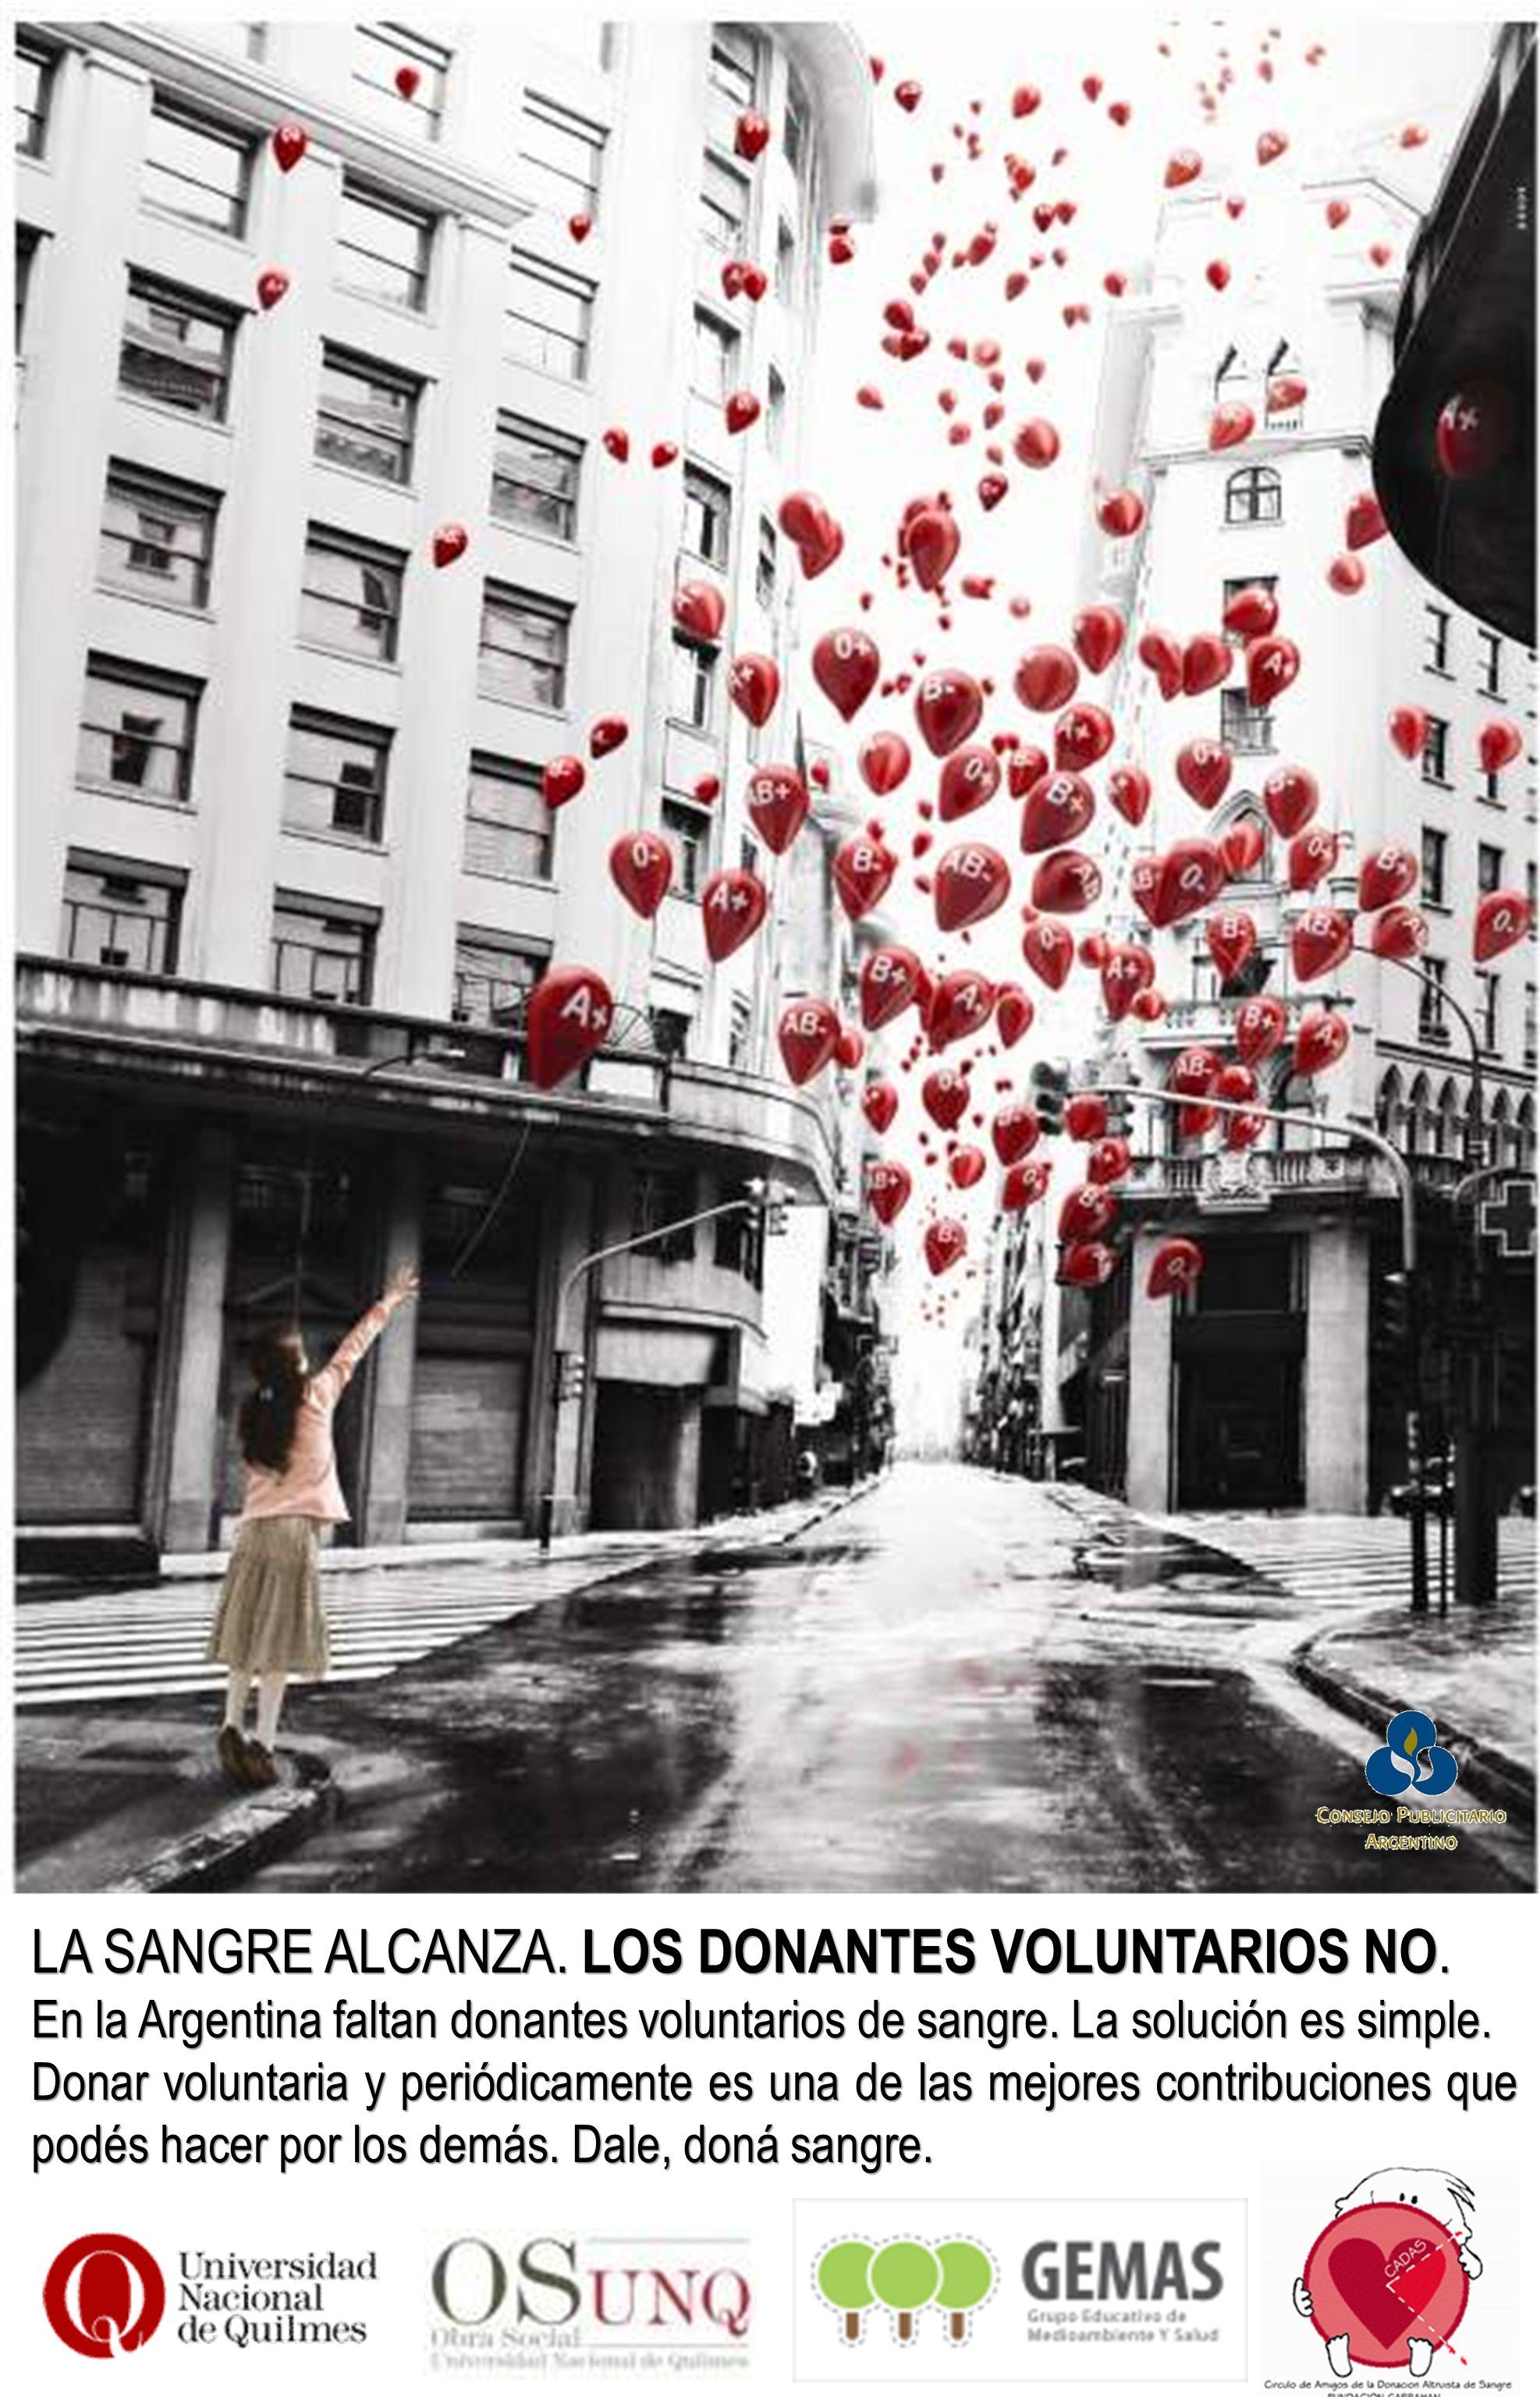 LA SANGRE ALCANZA. LOS DONANTES VOLUNTARIOS NO. En la Argentina faltan donantes voluntarios de sangre. La solución es simple. Donar voluntaria y perió